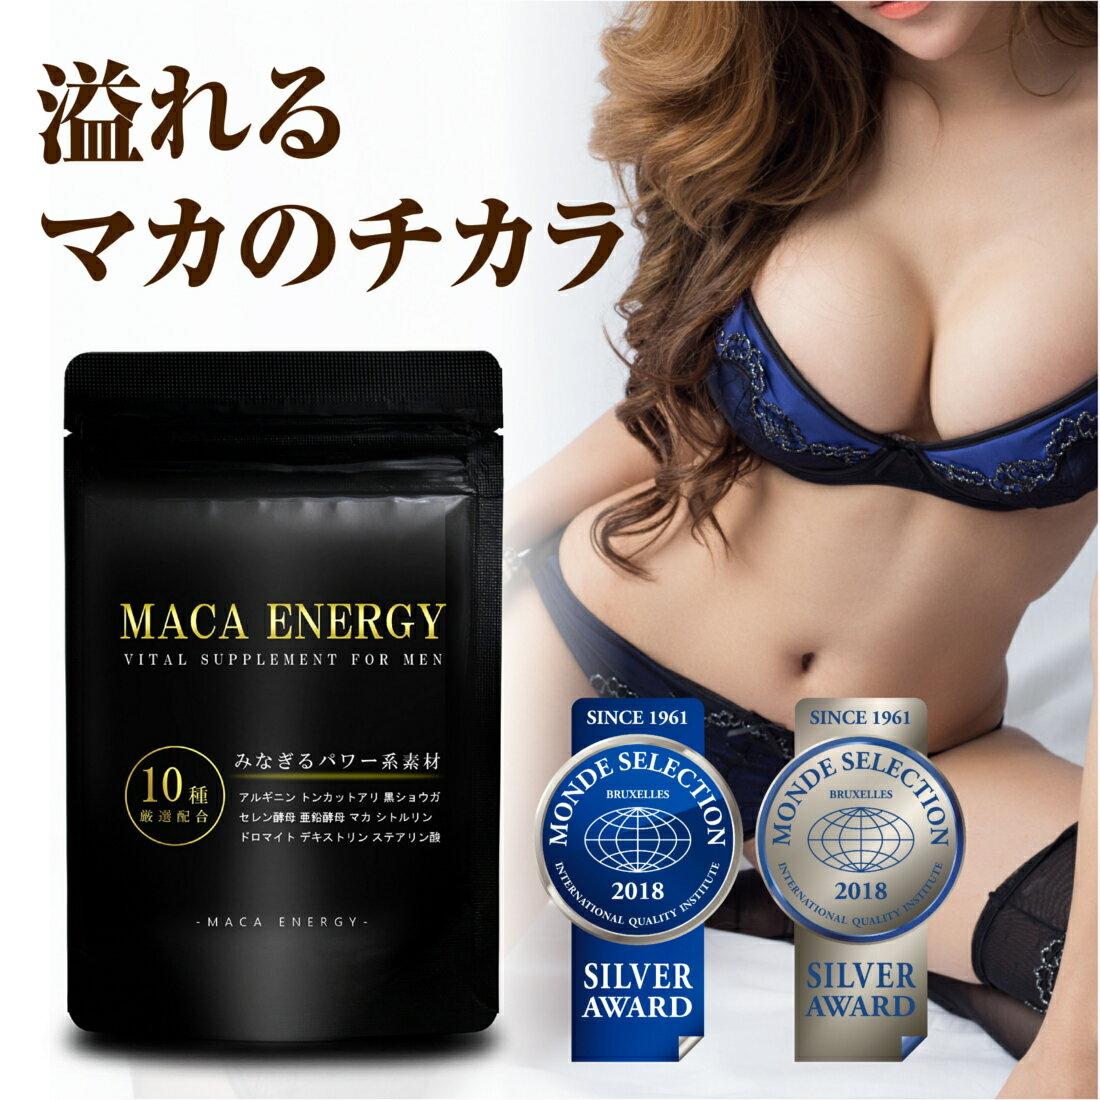 MACA ENERGY マカ 2個セット サプリ マカサプリメント マカ クラチャイダム アルギニン 亜鉛 全10種類 30日分 ※精力剤ではなくサプリ